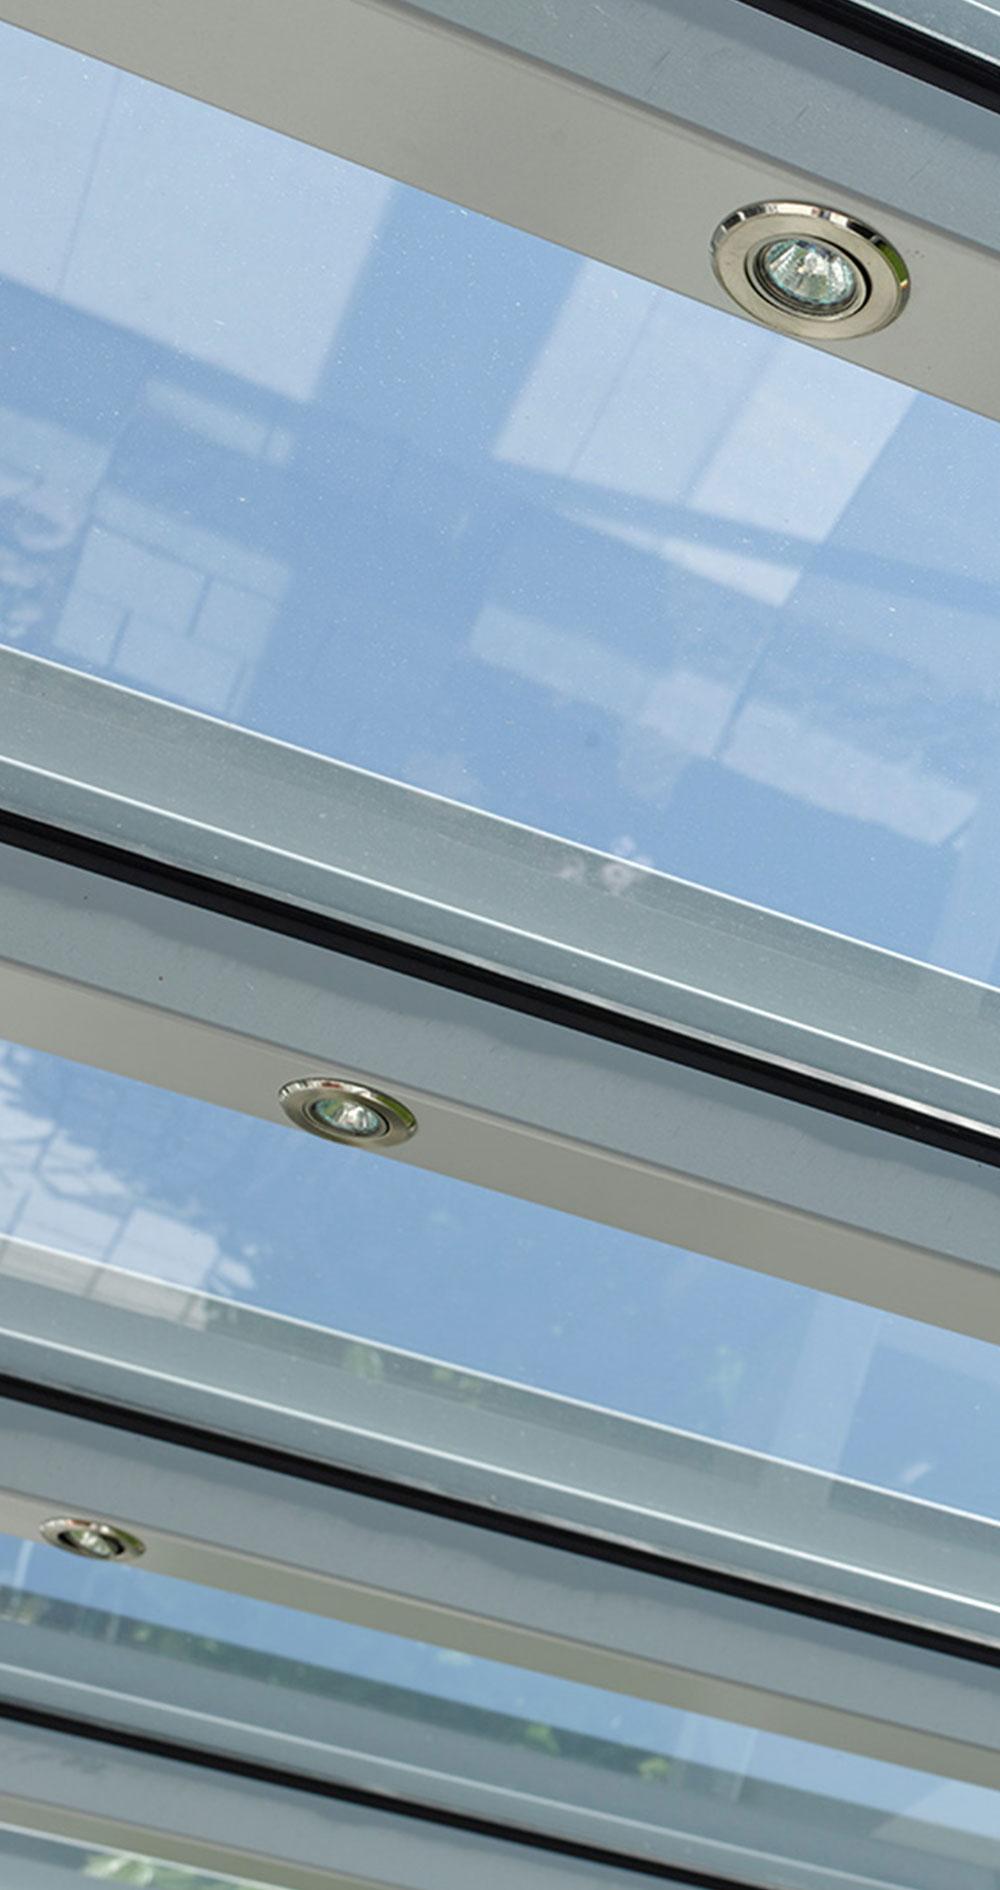 zanker jardino 19 - Sonnenschutz für Balkon und Terrasse